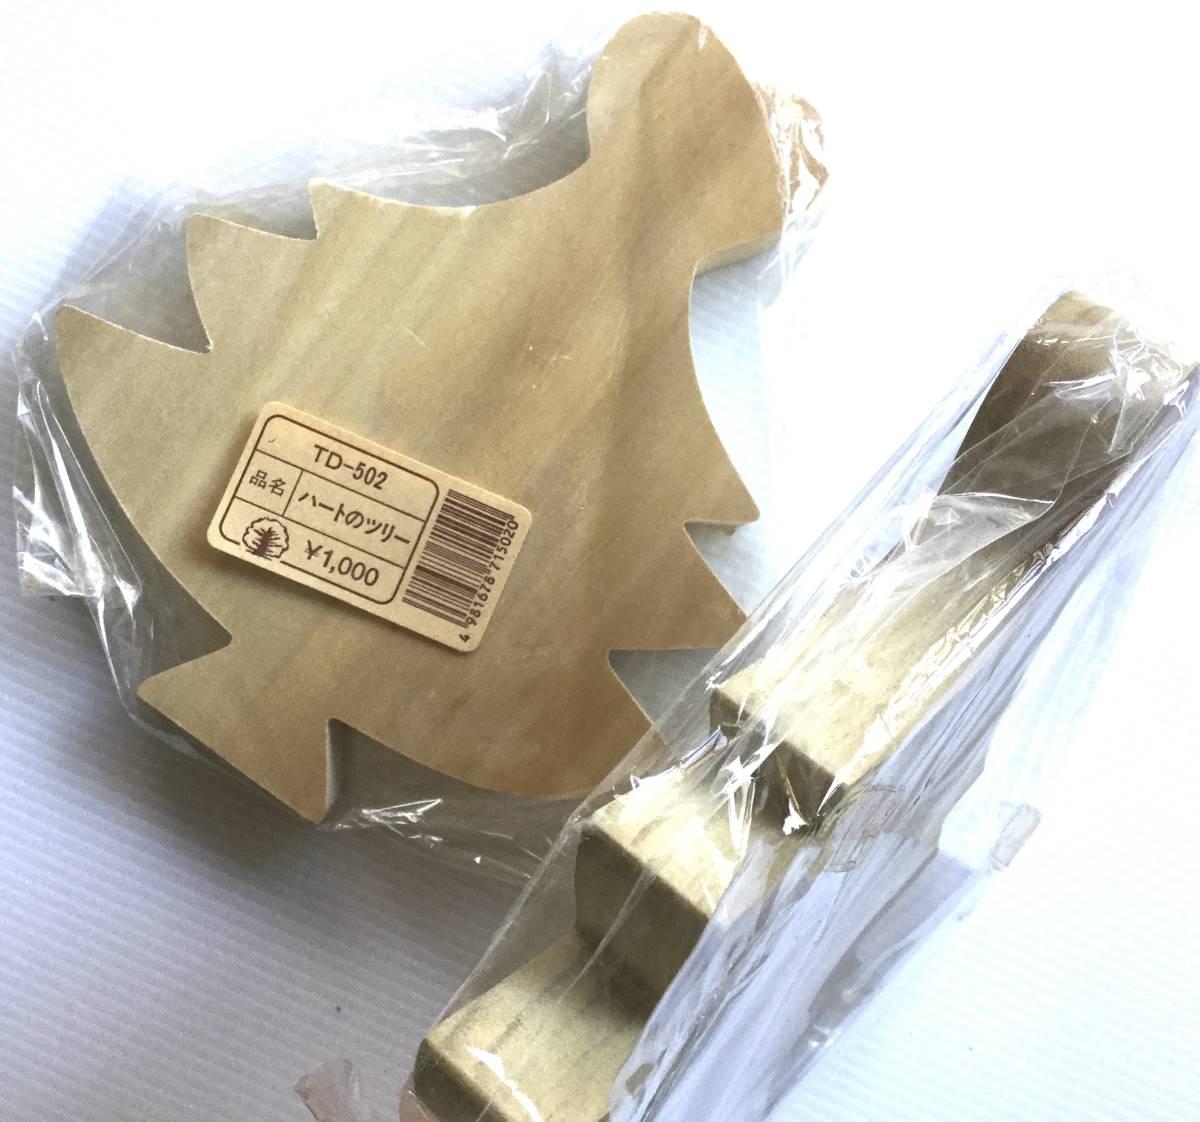 白木材料 ■ARTBOOK_OUTLET■ W1-167 ★ 送料無料!廃番品 2個セット ハートのツリー ウッド ヂャンティ商会 未開封 TOLE トール